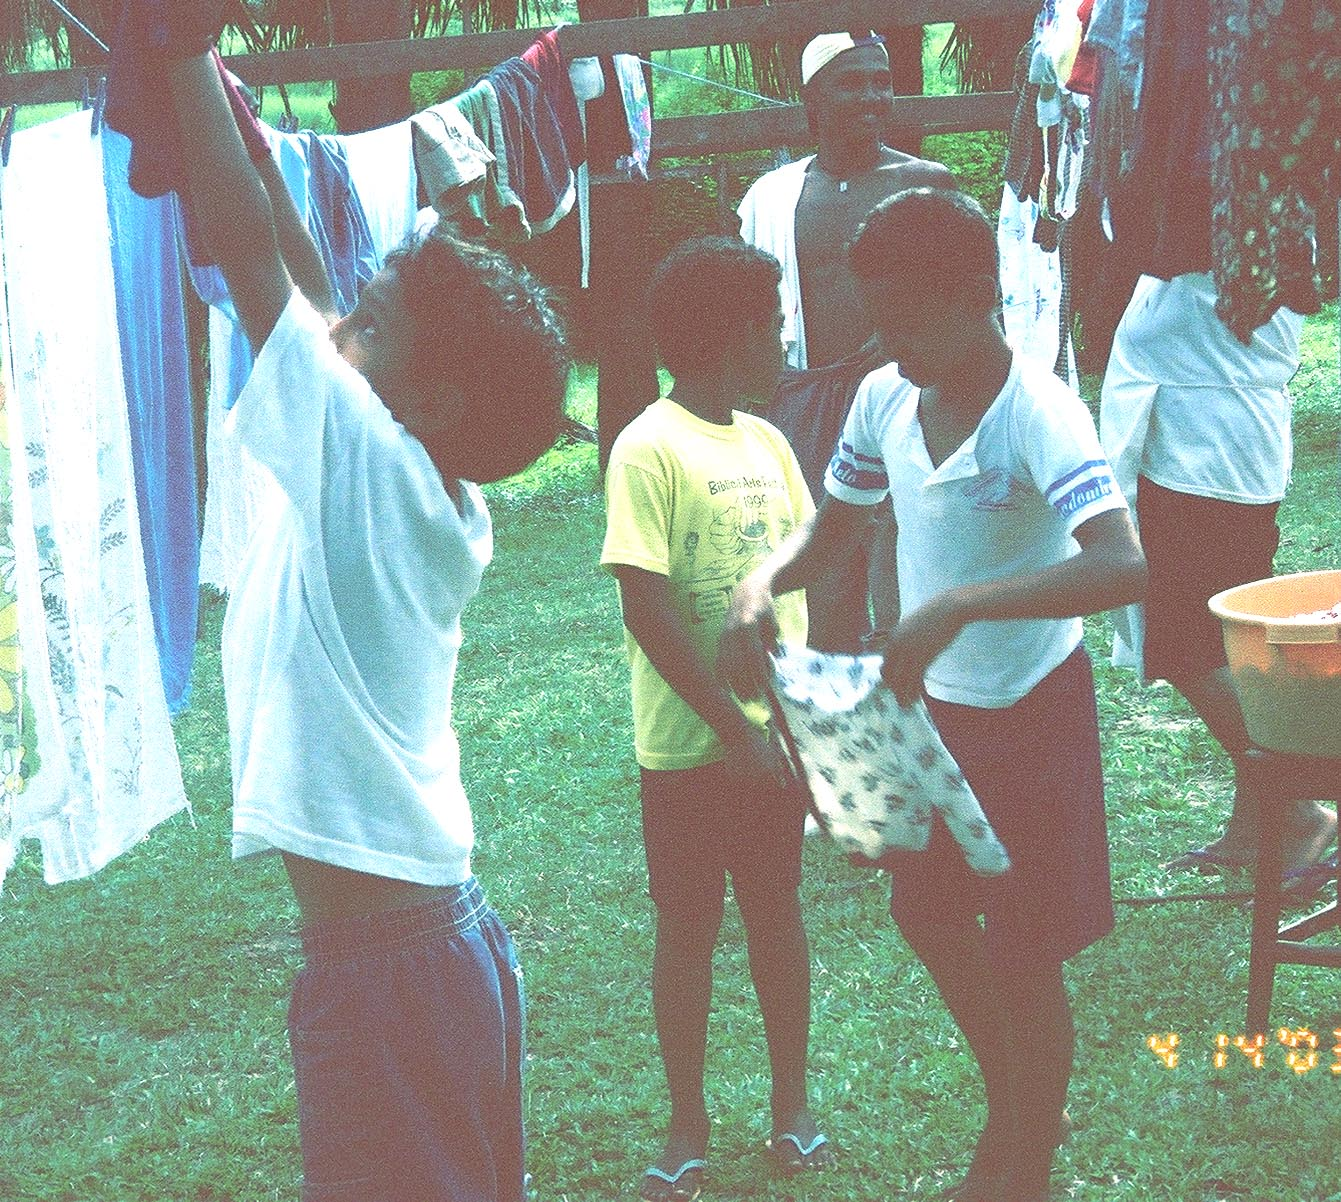 boyshangingclothes.jpg